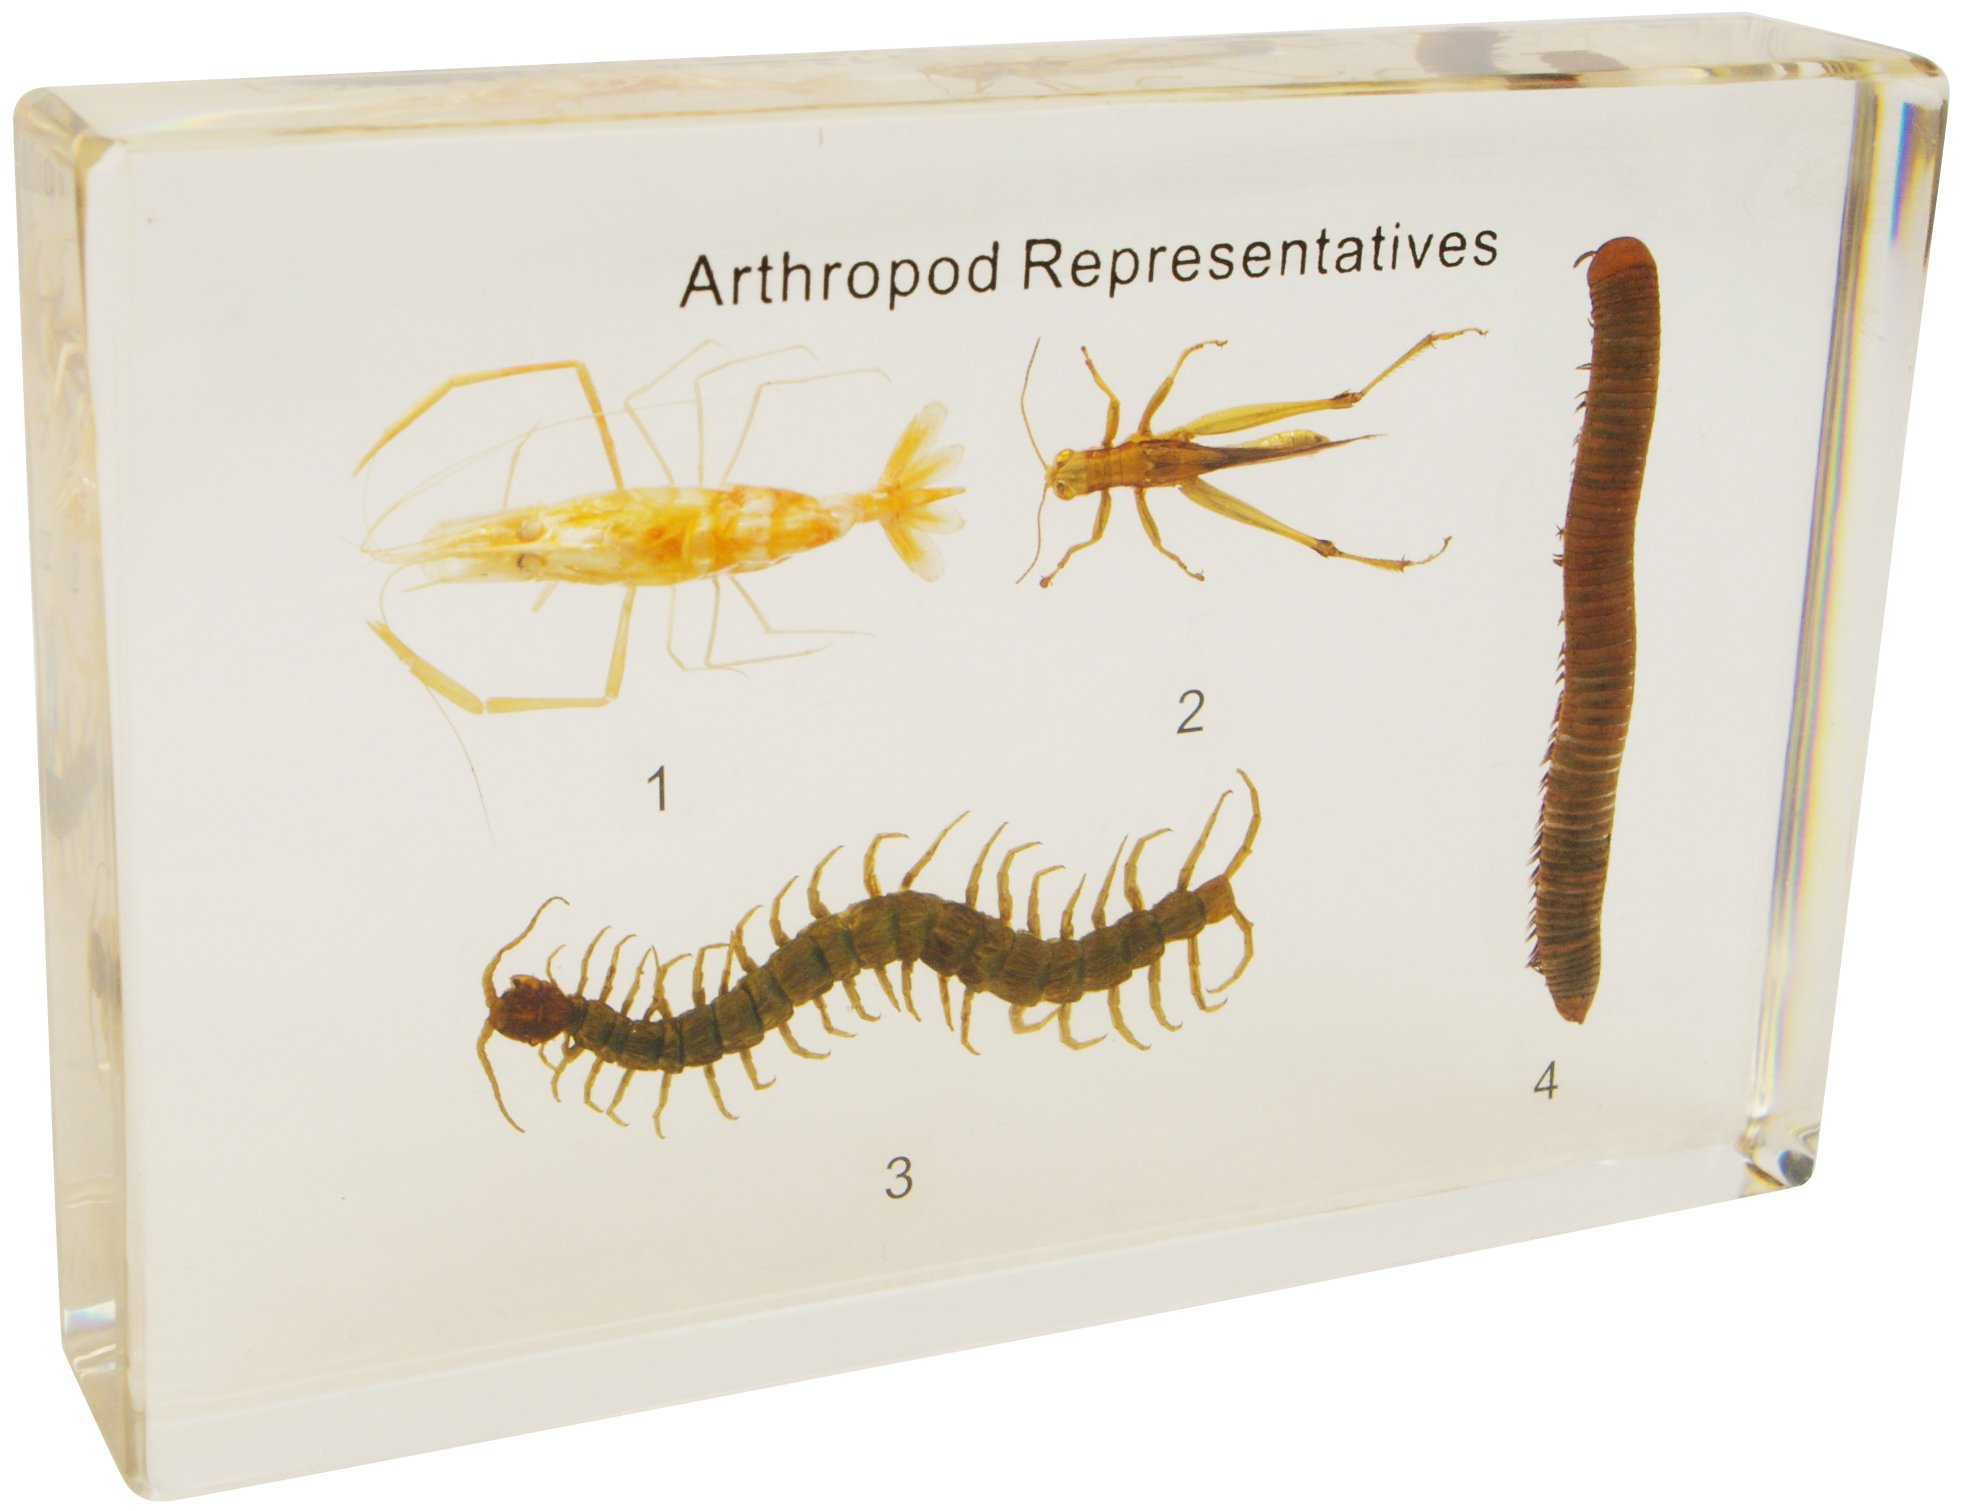 部分节肢动物标本